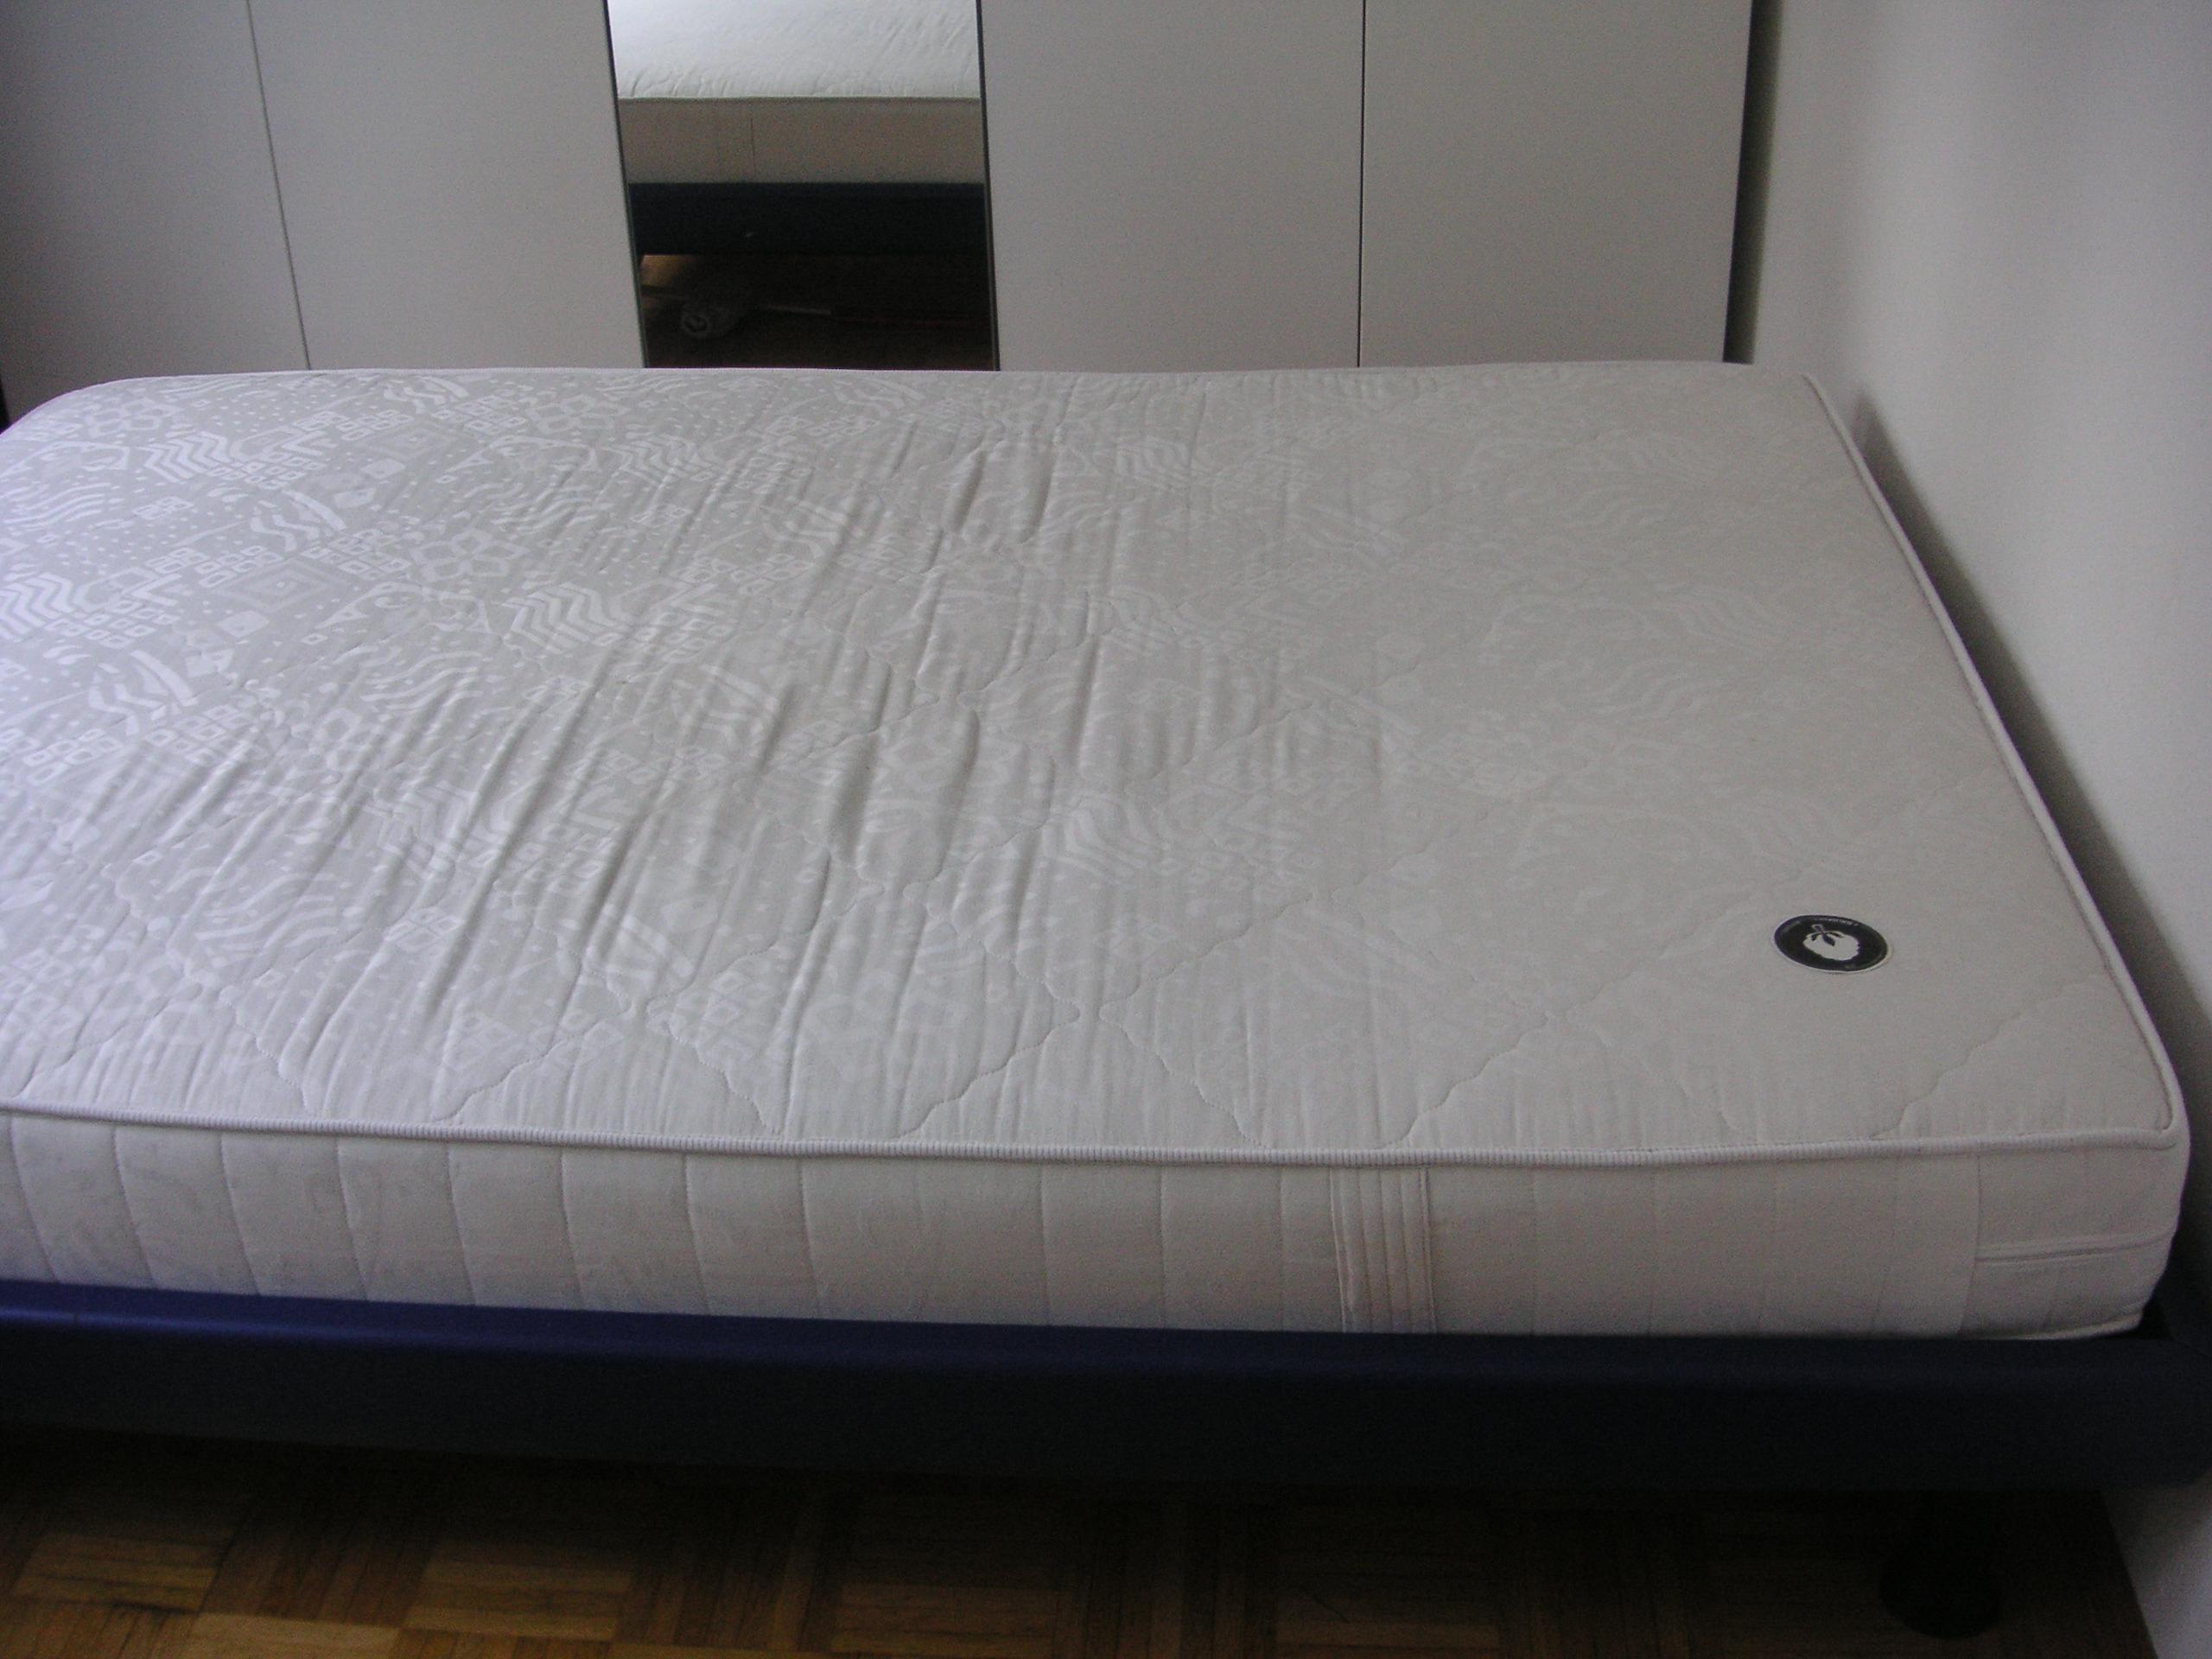 Full Size of Betten München 40 00 Meter Bett Mit Matratze Und Lattenrost Zu Verschenken In Hohe Sofa Jugend Dico Paradies Mädchen Günstig Kaufen Schöne Boxspring Poco Bett Betten München